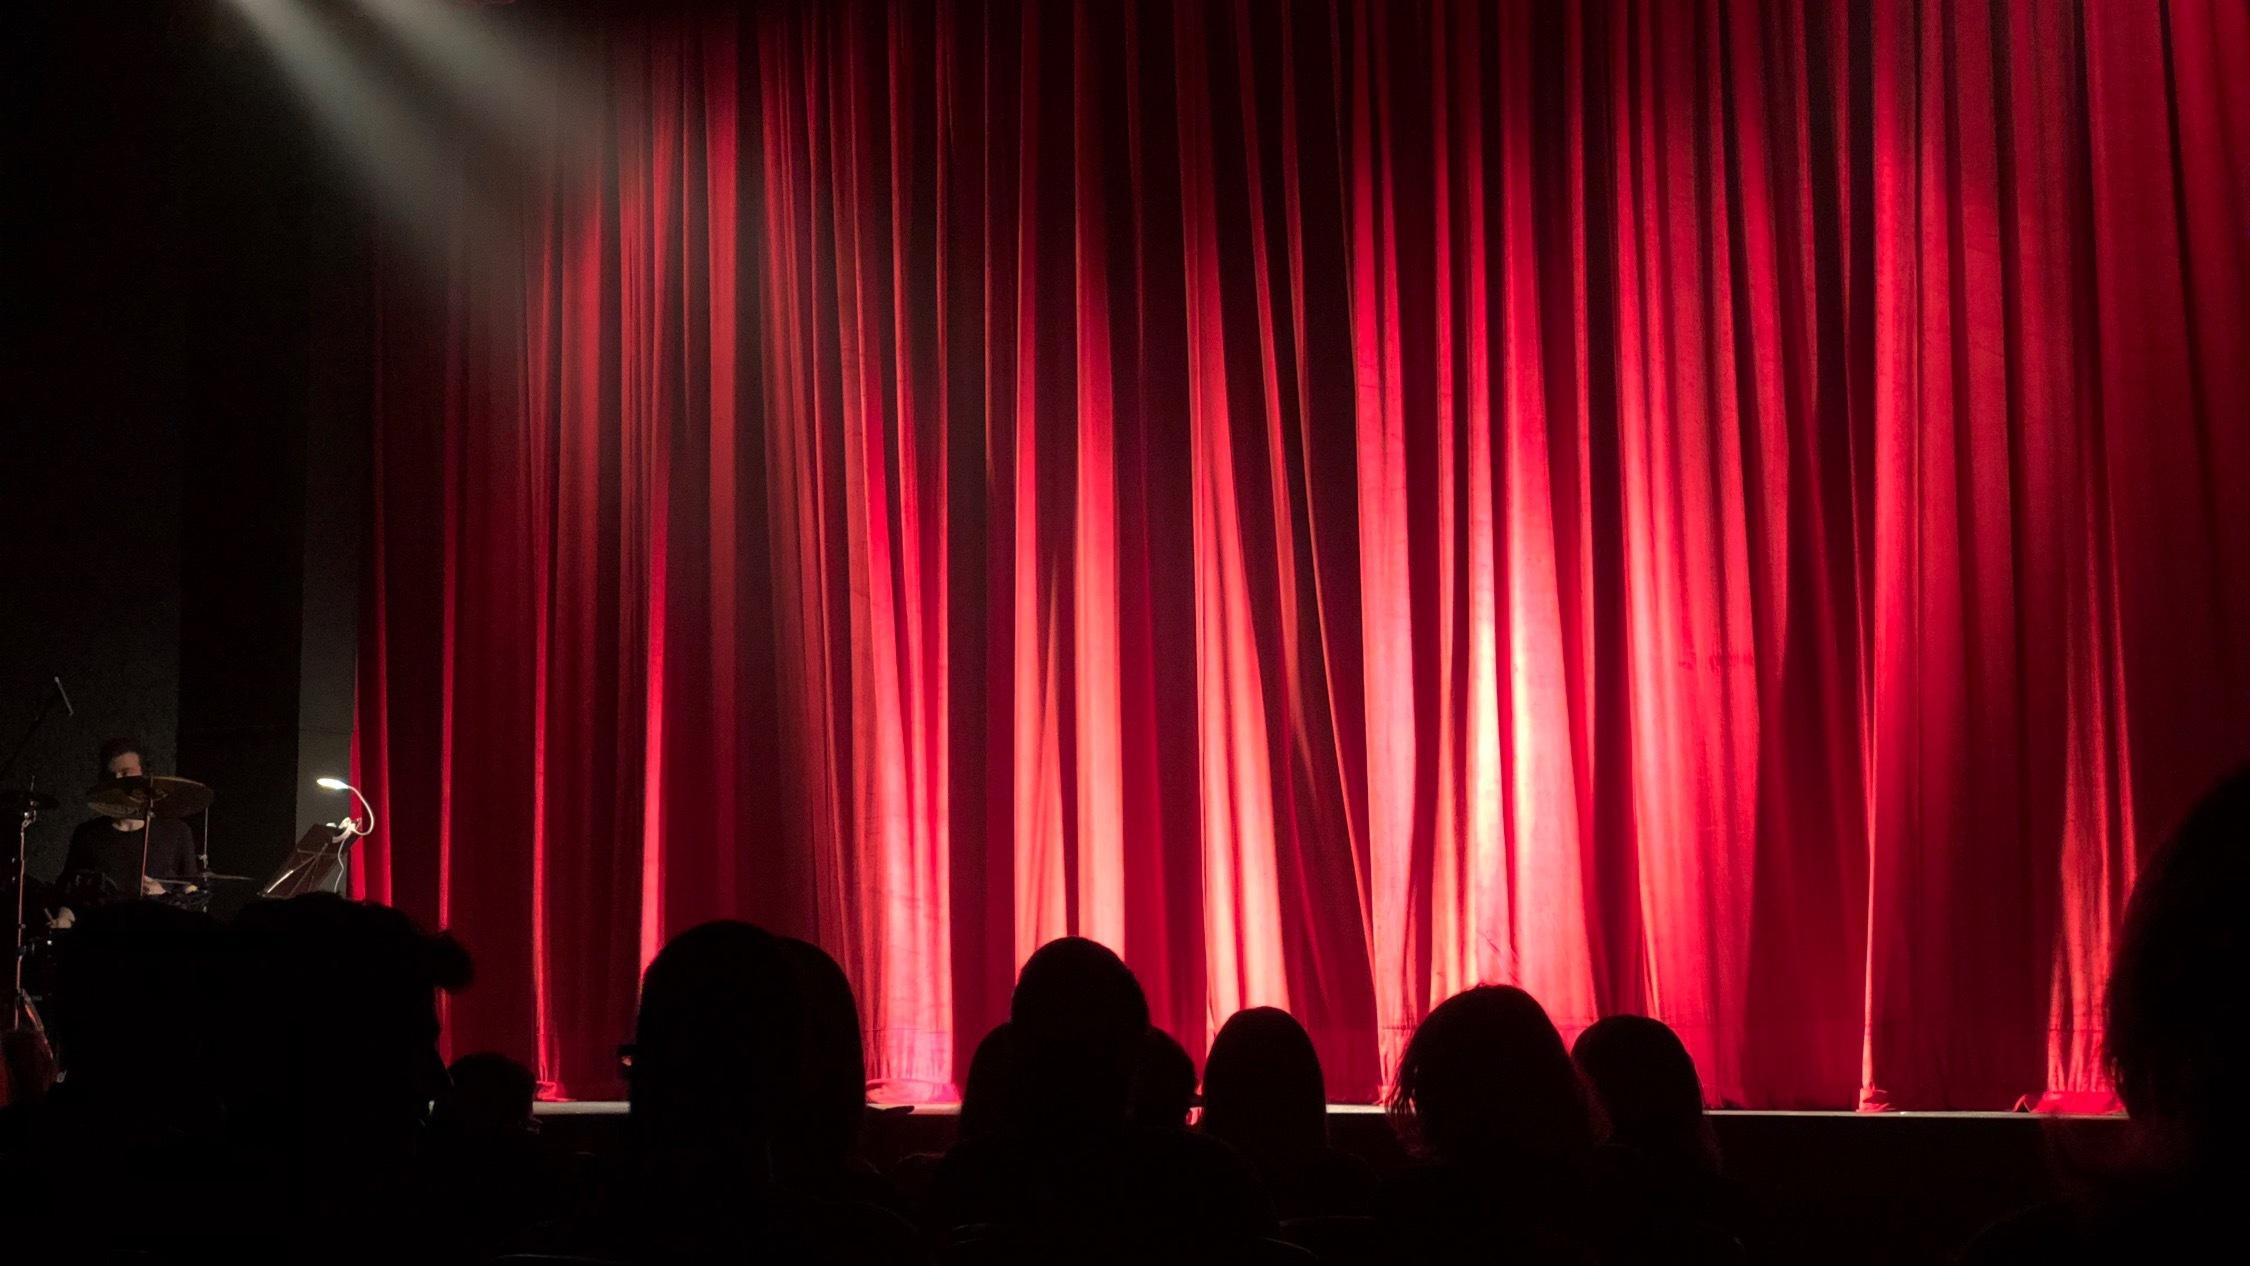 Generic Theatre Image